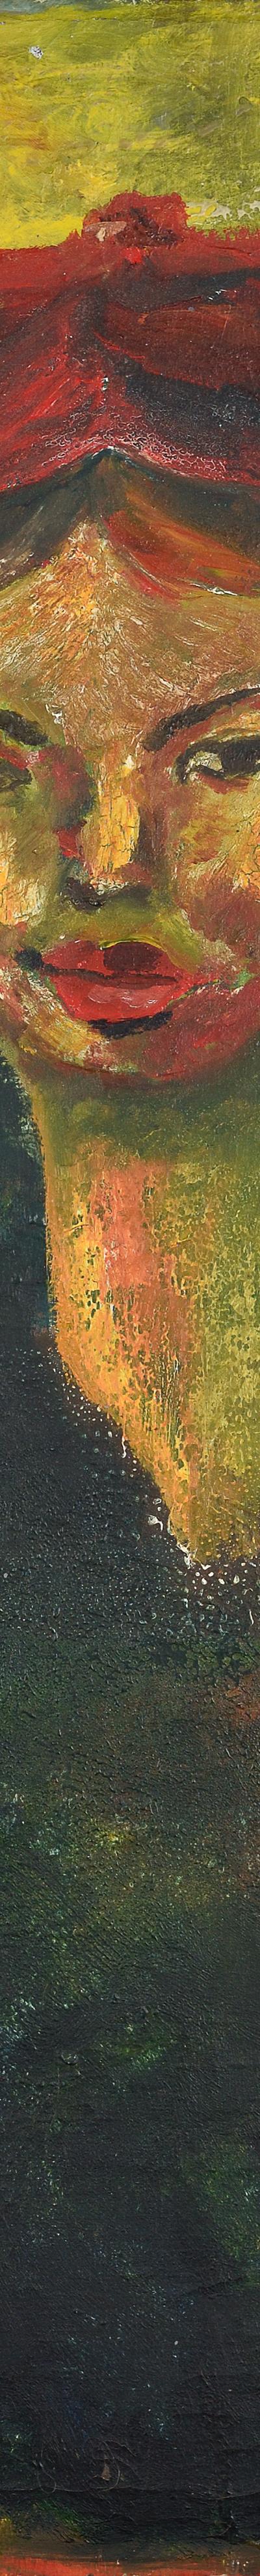 blikvang 54x80 cm, oil on canvas